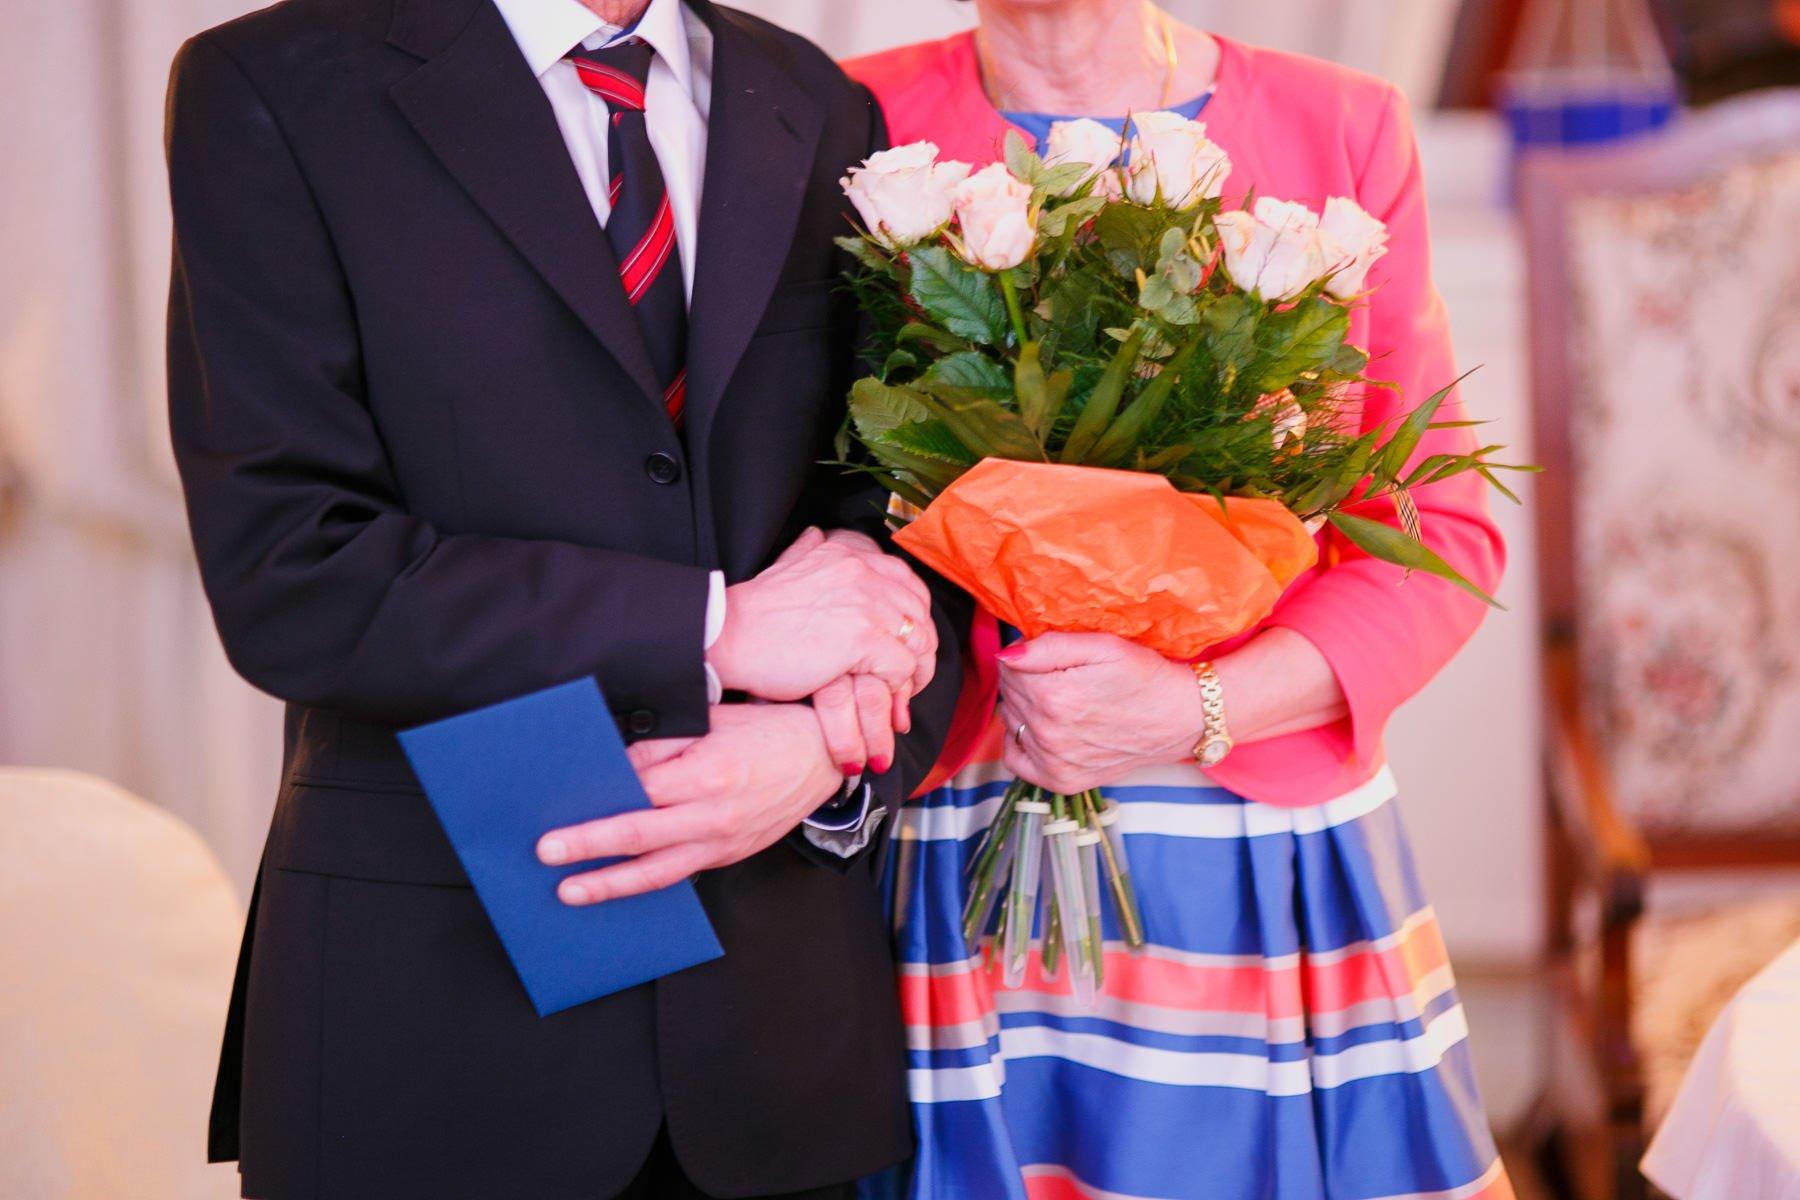 fotograf slub bielsko biala ania maciej 144 - Ślub w Bielsku-Białej - ANIA & MACIEJ